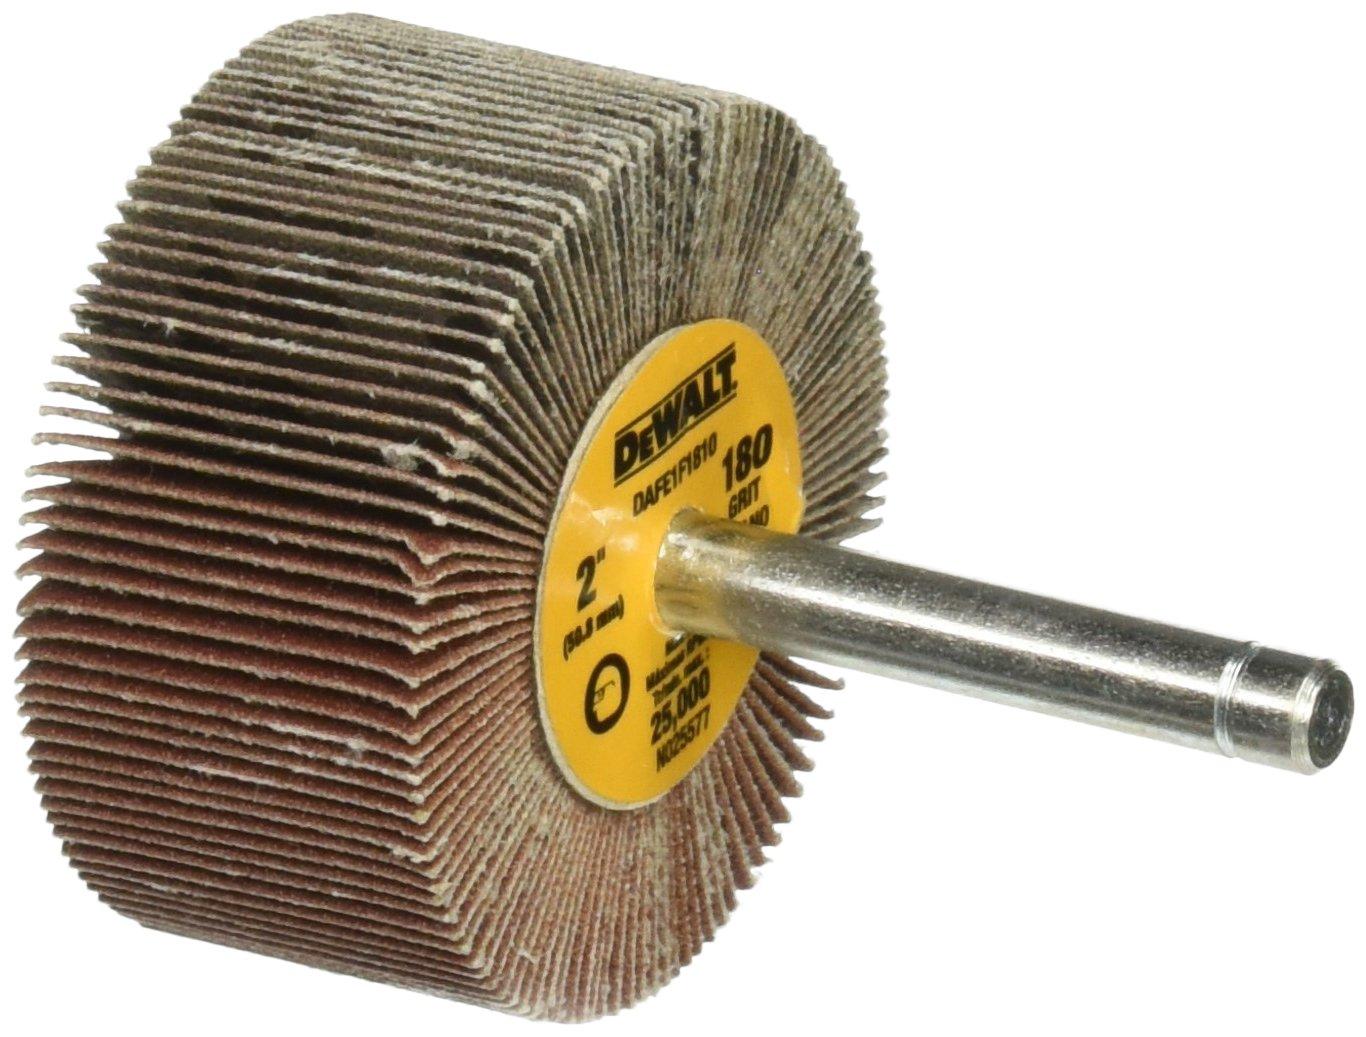 DEWALT DAFE1F1810 2-Inch by 1-Inch by 1/4-Inch HP 180g Flap Wheel